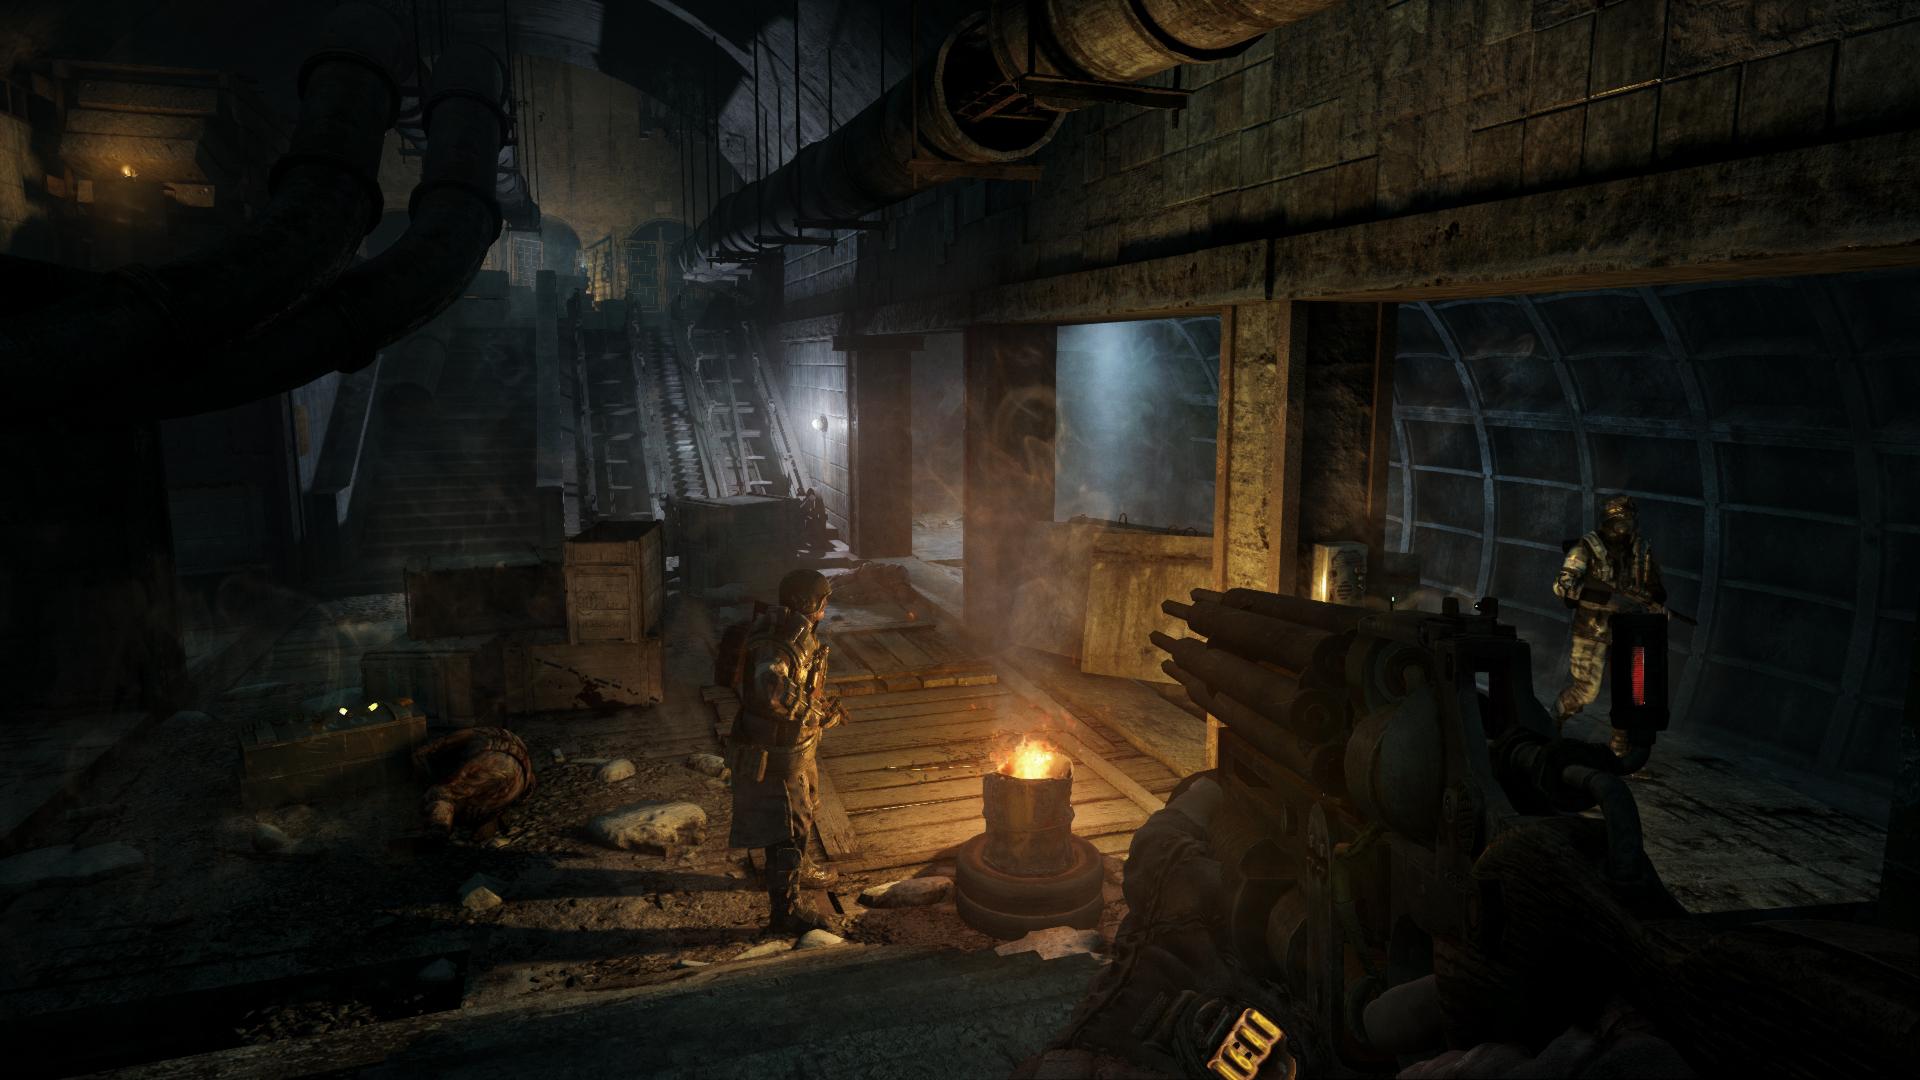 Изображение для Metro 2033: Redux [amd64] (кликните для просмотра полного изображения)